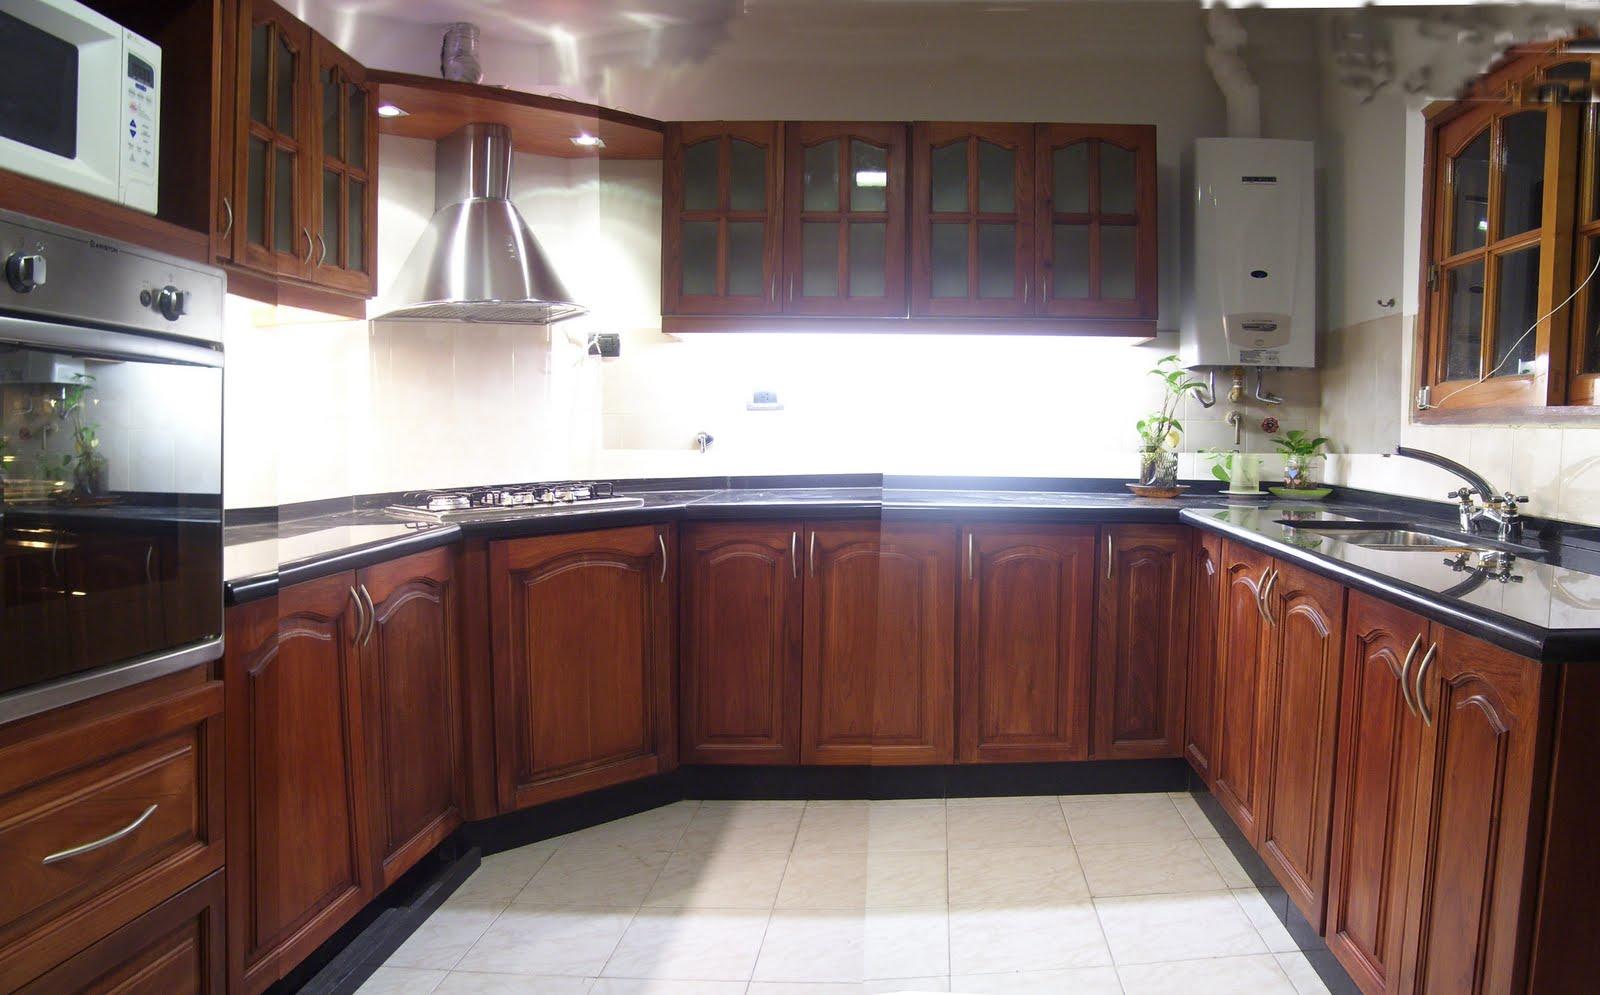 Disenos De Muebles De Cocina Gabinetes De Cocina Disenos Decoraci - Diseos-de-muebles-de-cocina